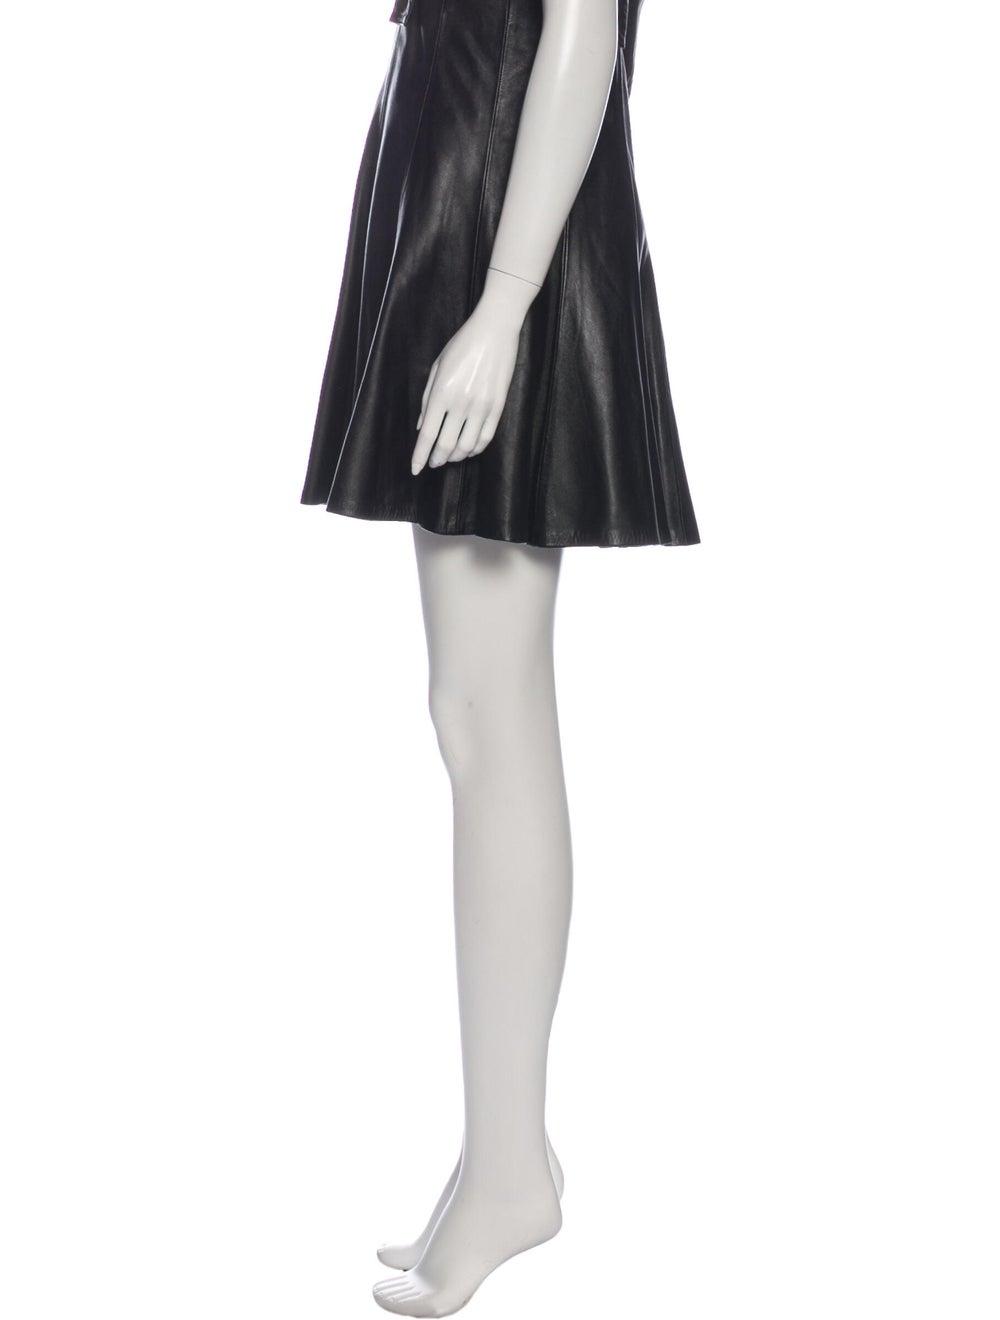 Sandro Leather Knee-Length Skirt Black - image 2